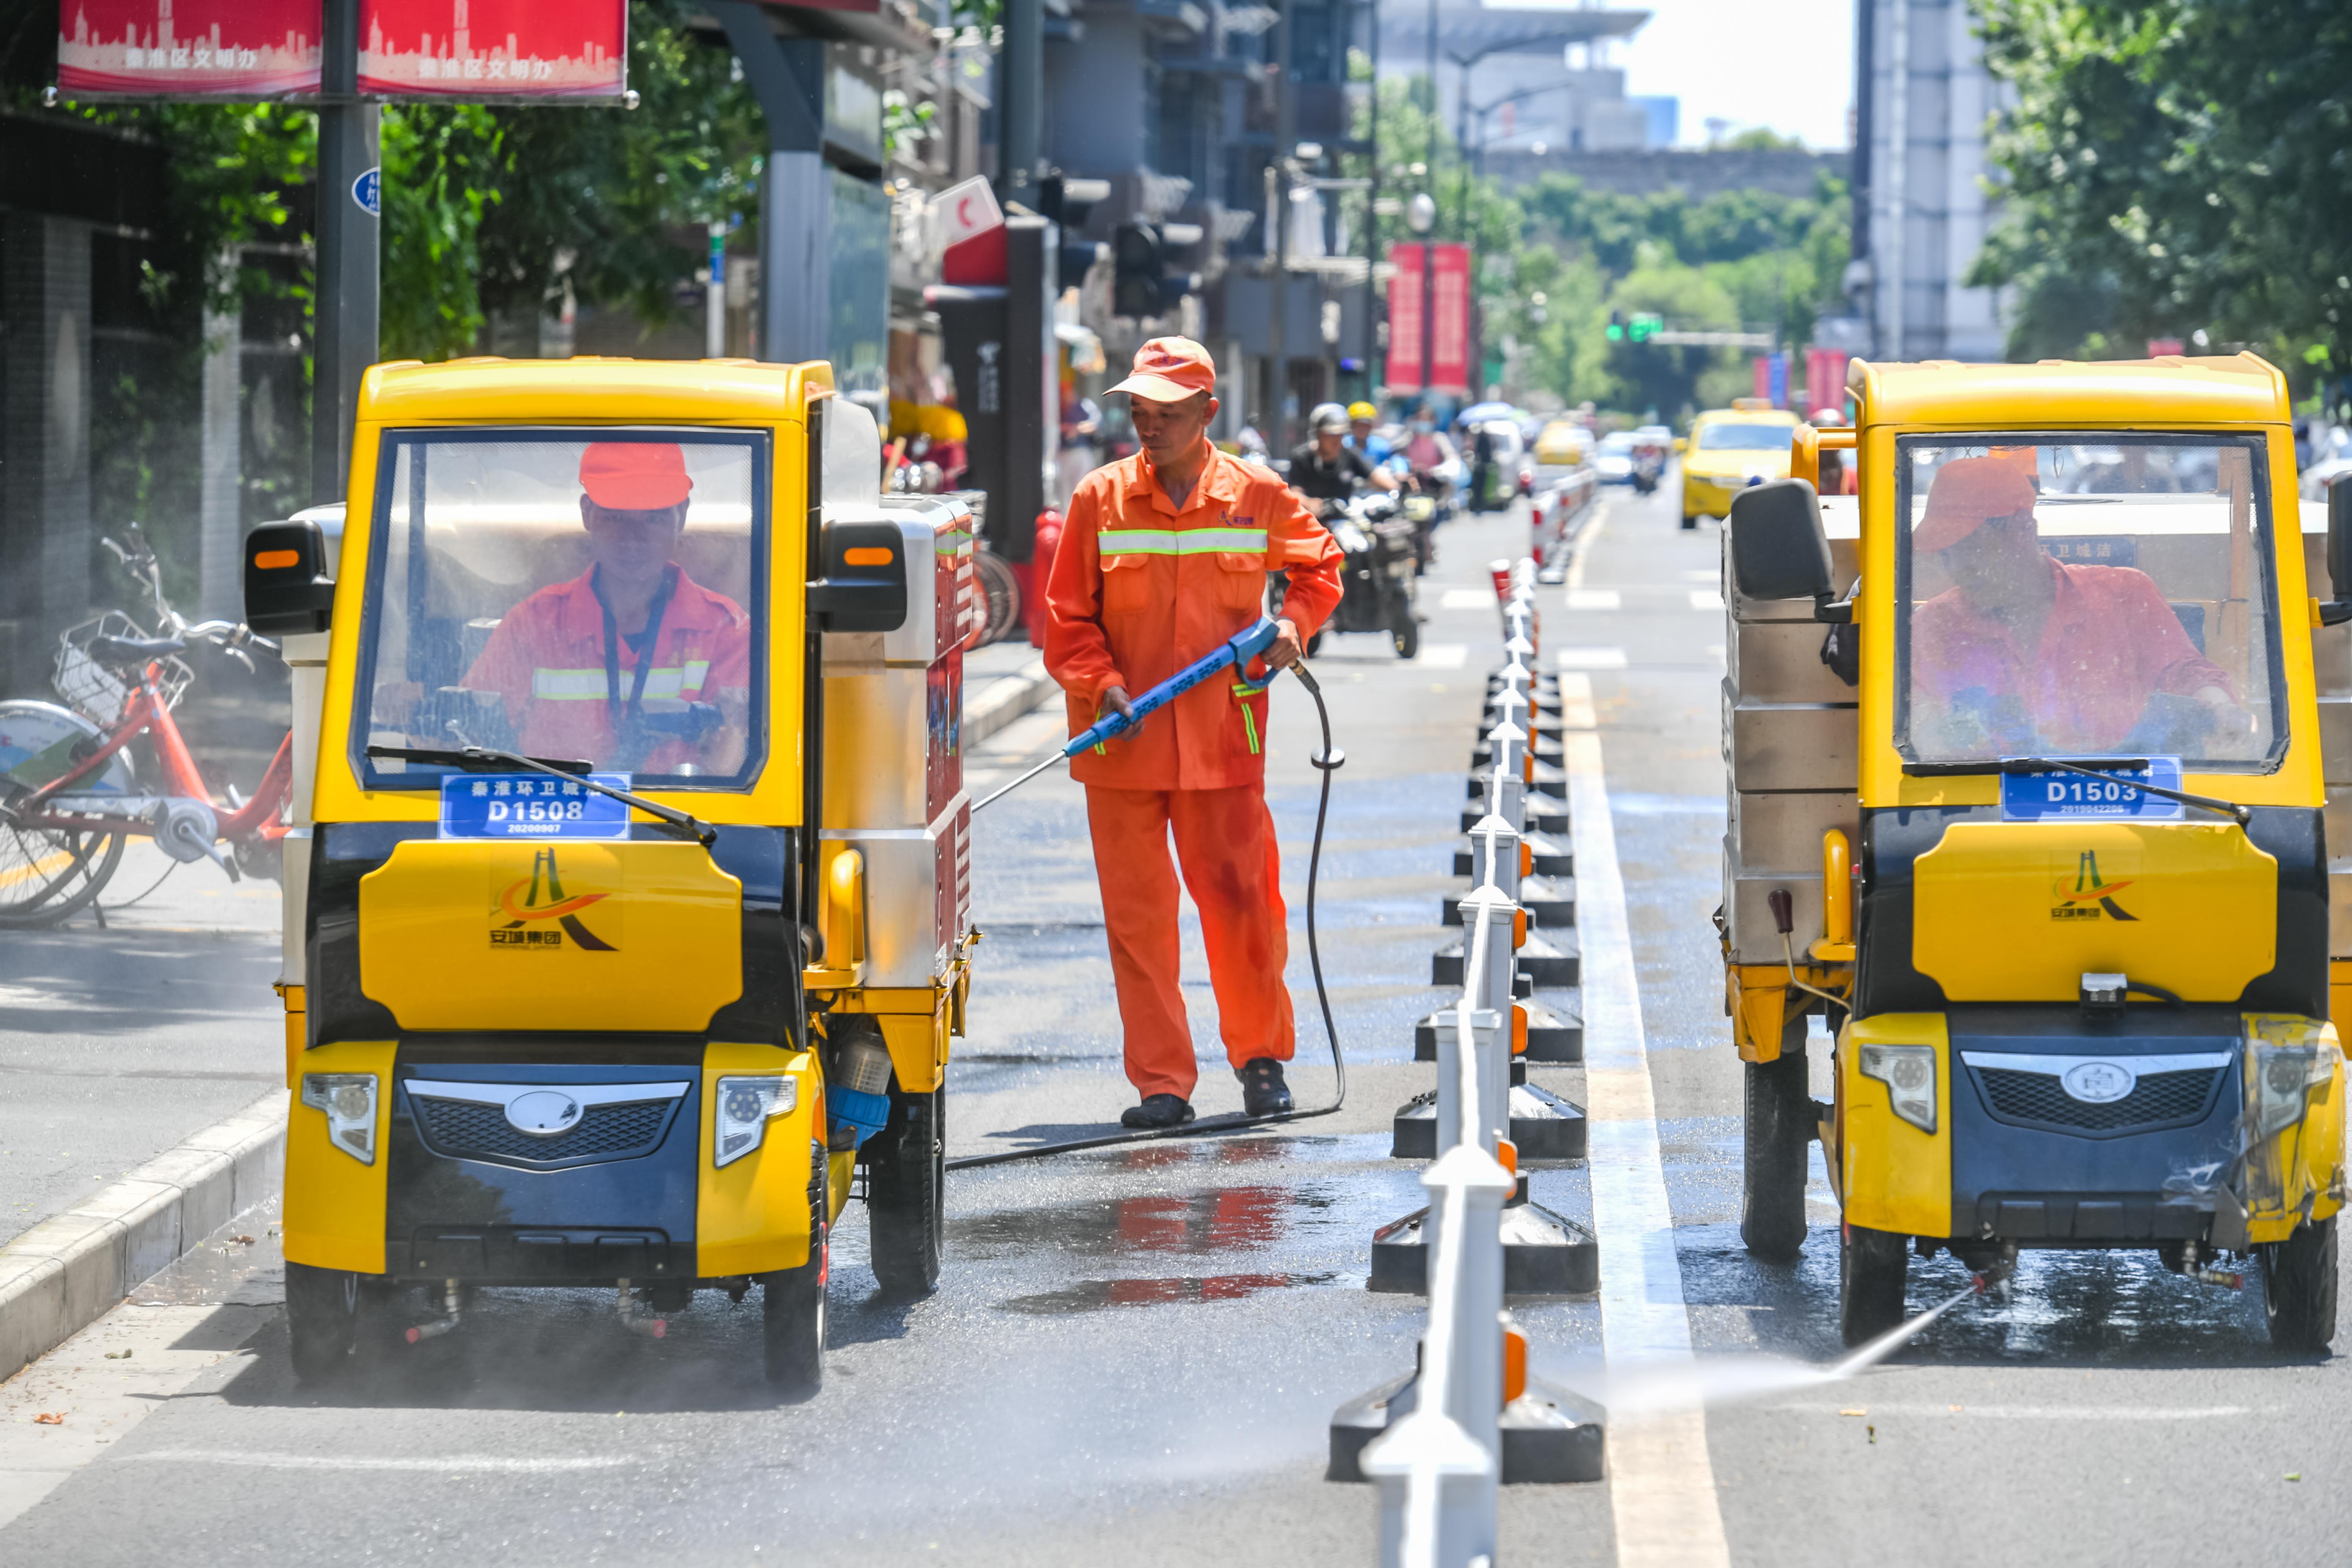 7月12日,我市最高气温达到37℃,有些马路地表温度已达到45℃,气象部门发布高温橙色预警。在马道街,环卫工人冒着酷暑,反复清洗道路和马路中的护栏。 南报融媒体记者 董家训 摄